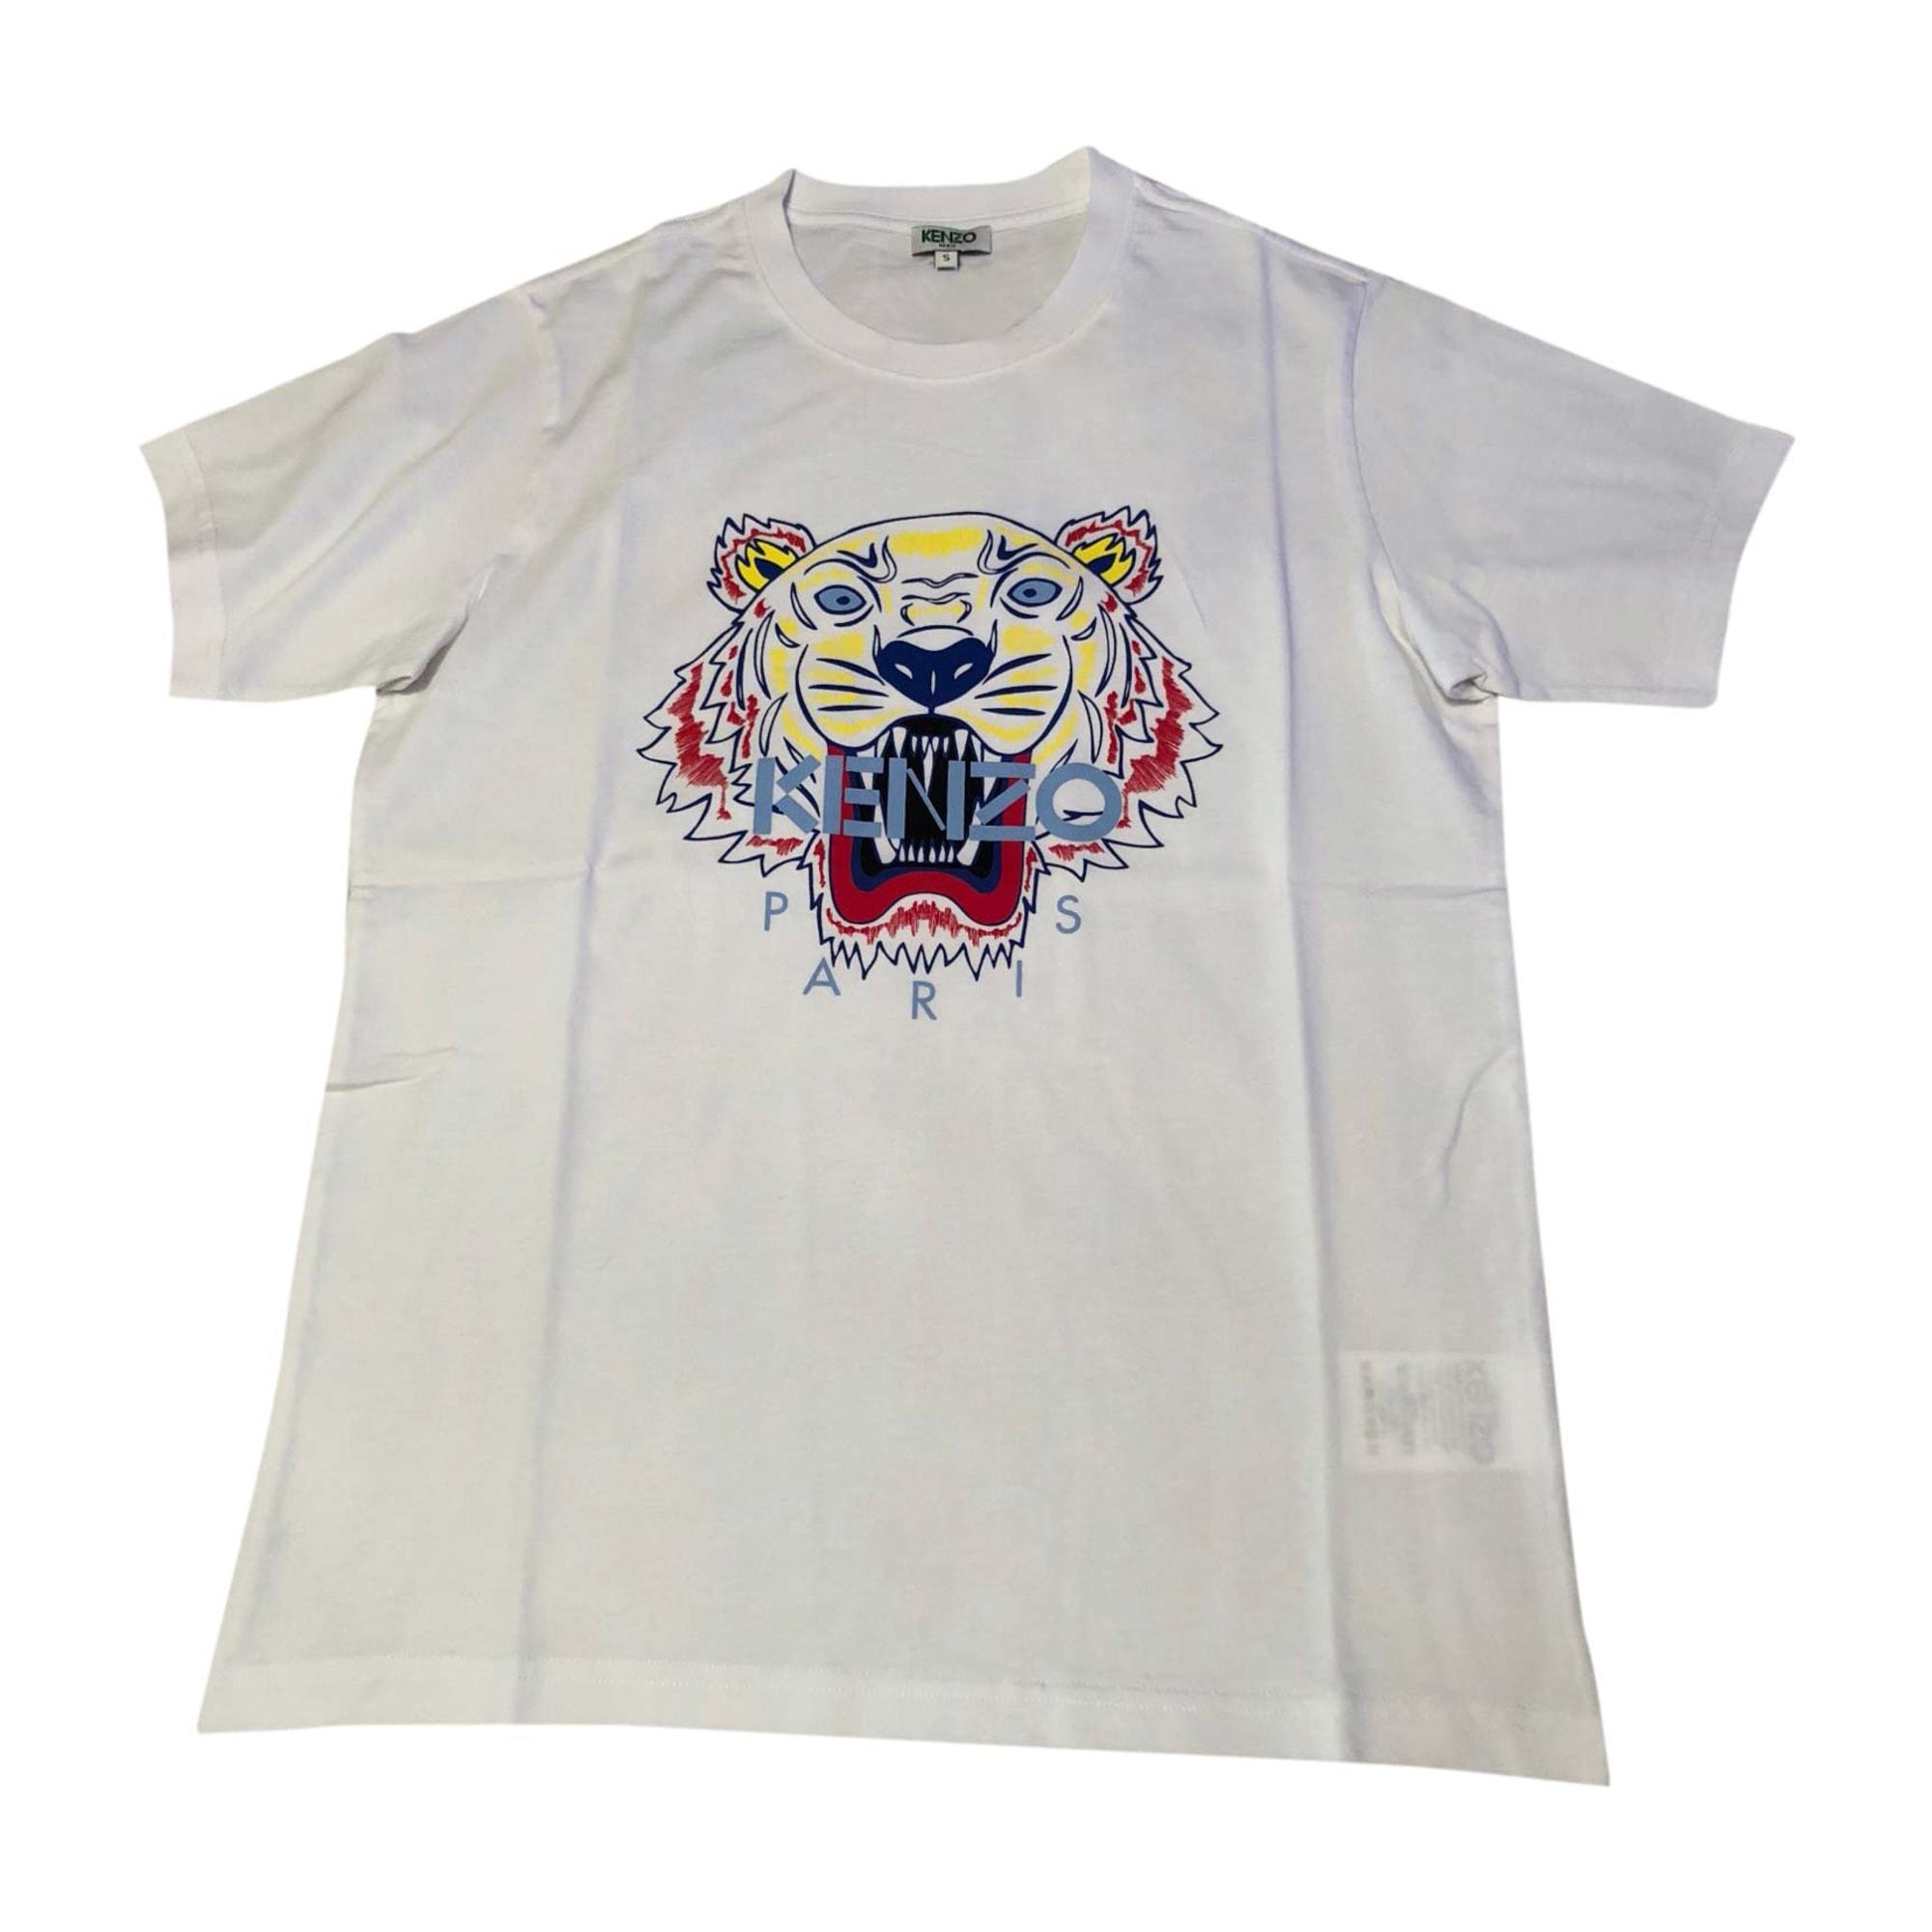 T-shirt KENZO 1 (S) white vendu par Anais... - 7098652 3e4106e7bd1